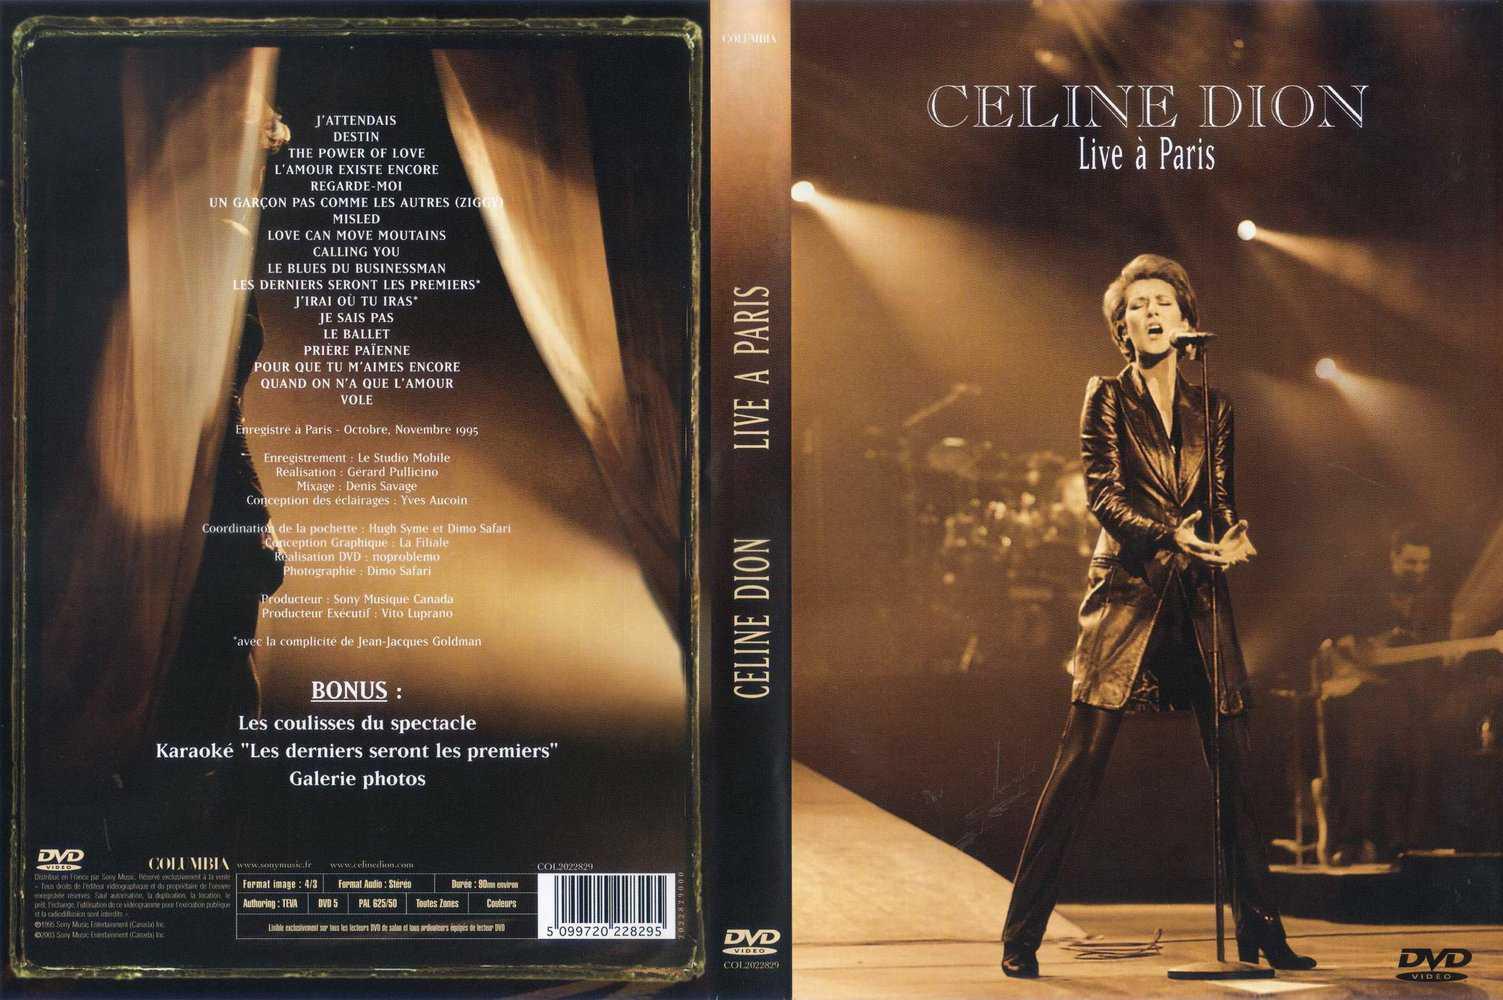 http://1.bp.blogspot.com/_brcl7Spzbn4/TJDBjO9eOPI/AAAAAAAAAgU/tL8sYatwSeo/s1600/Celine_Dion_Live_A_Paris-front.jpg